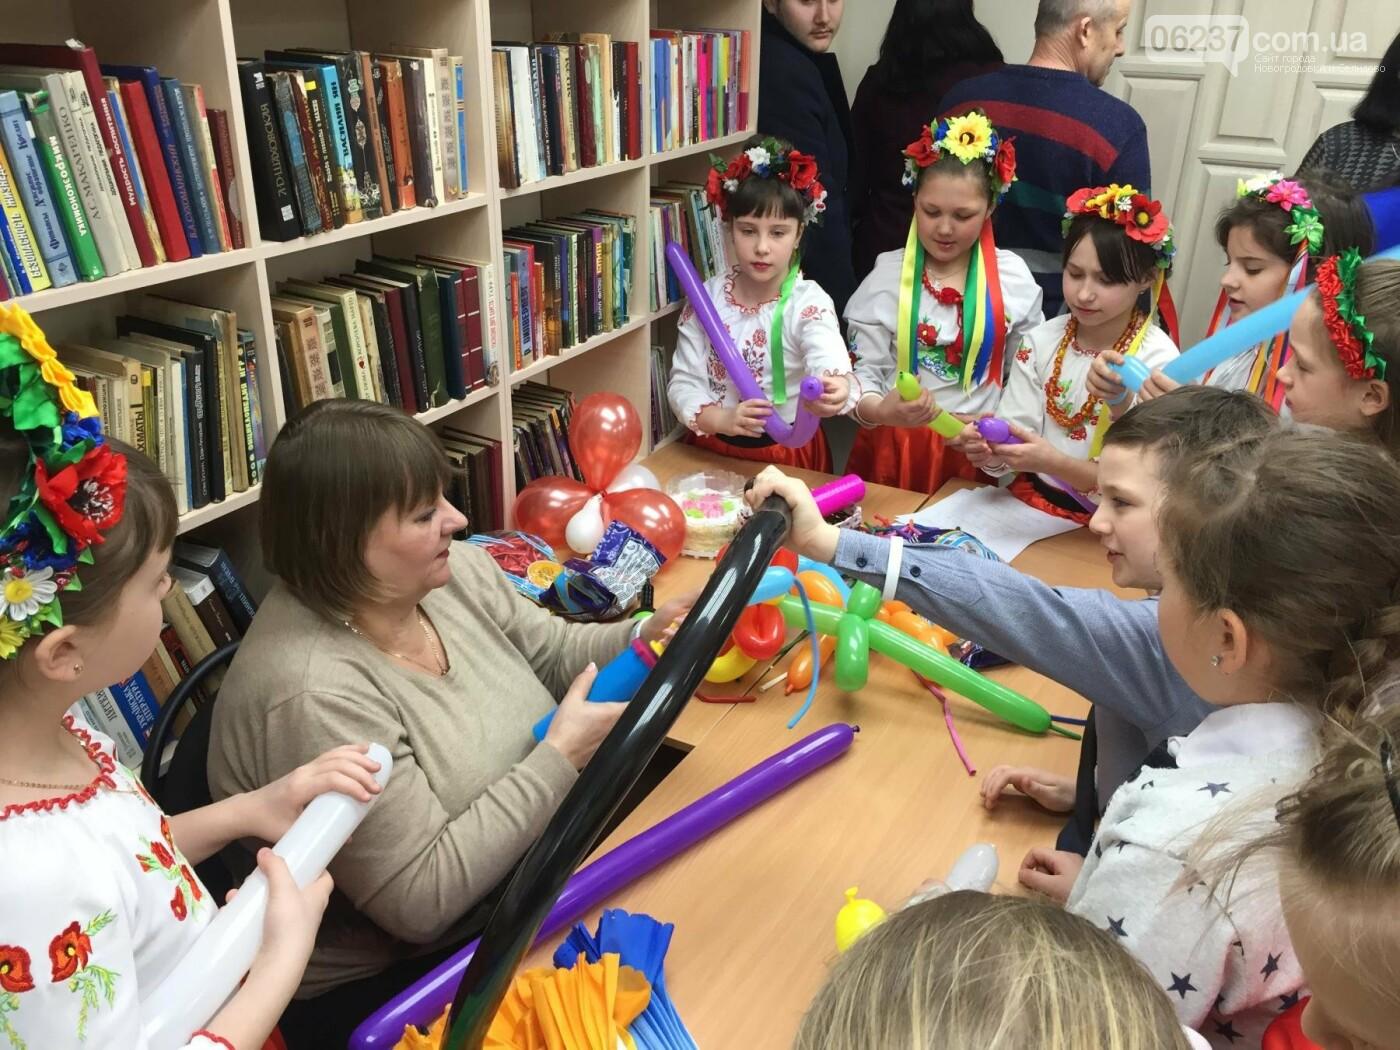 Открытие библиотеки в Новогродовке в рамках проекта Международной организации по миграции, фото-4